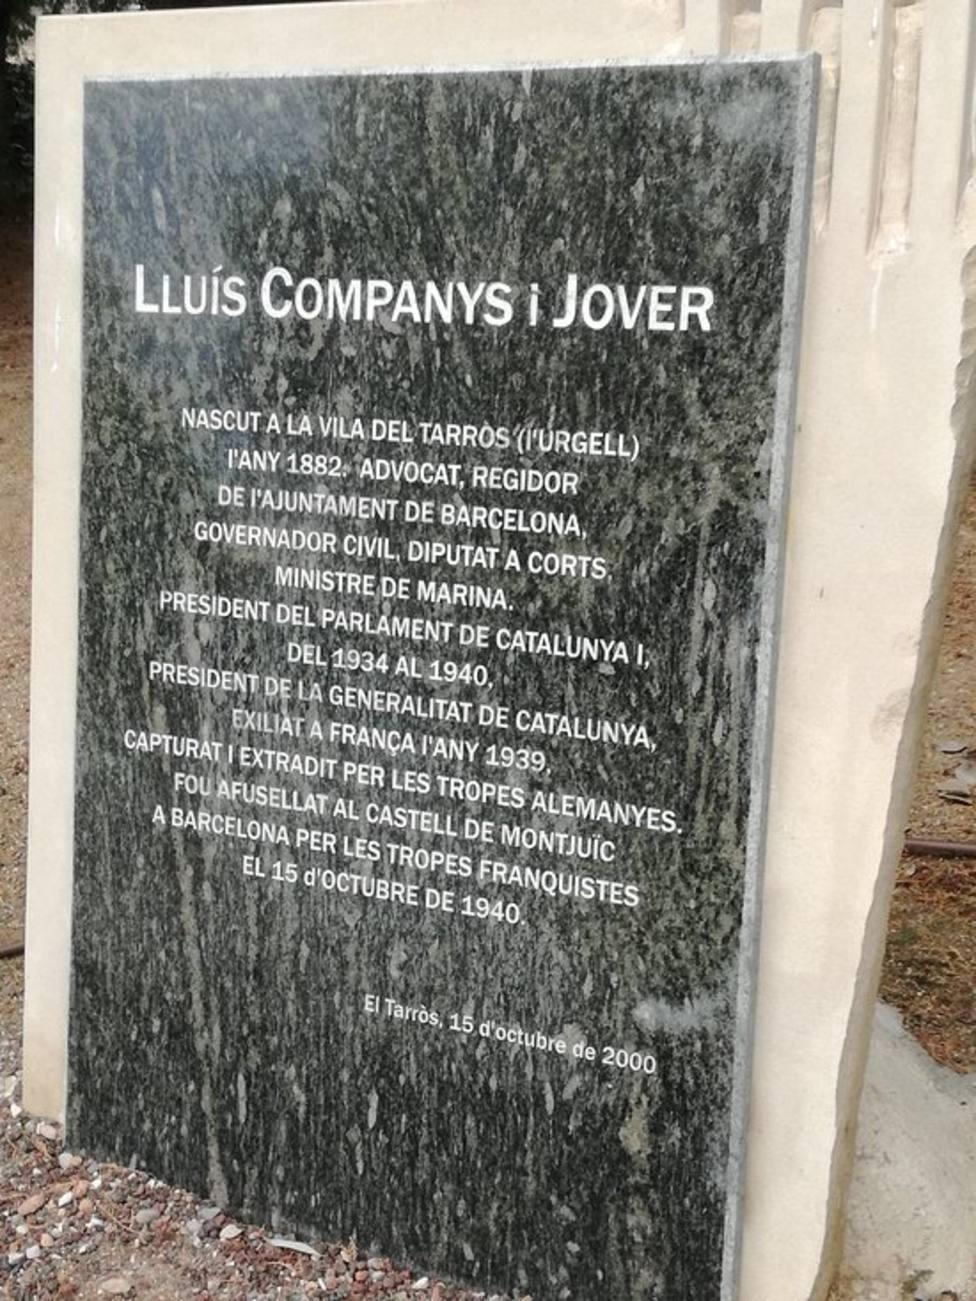 Esta es la placa que hay en El Tarrós que recuerda la biografís de Lluís Companys